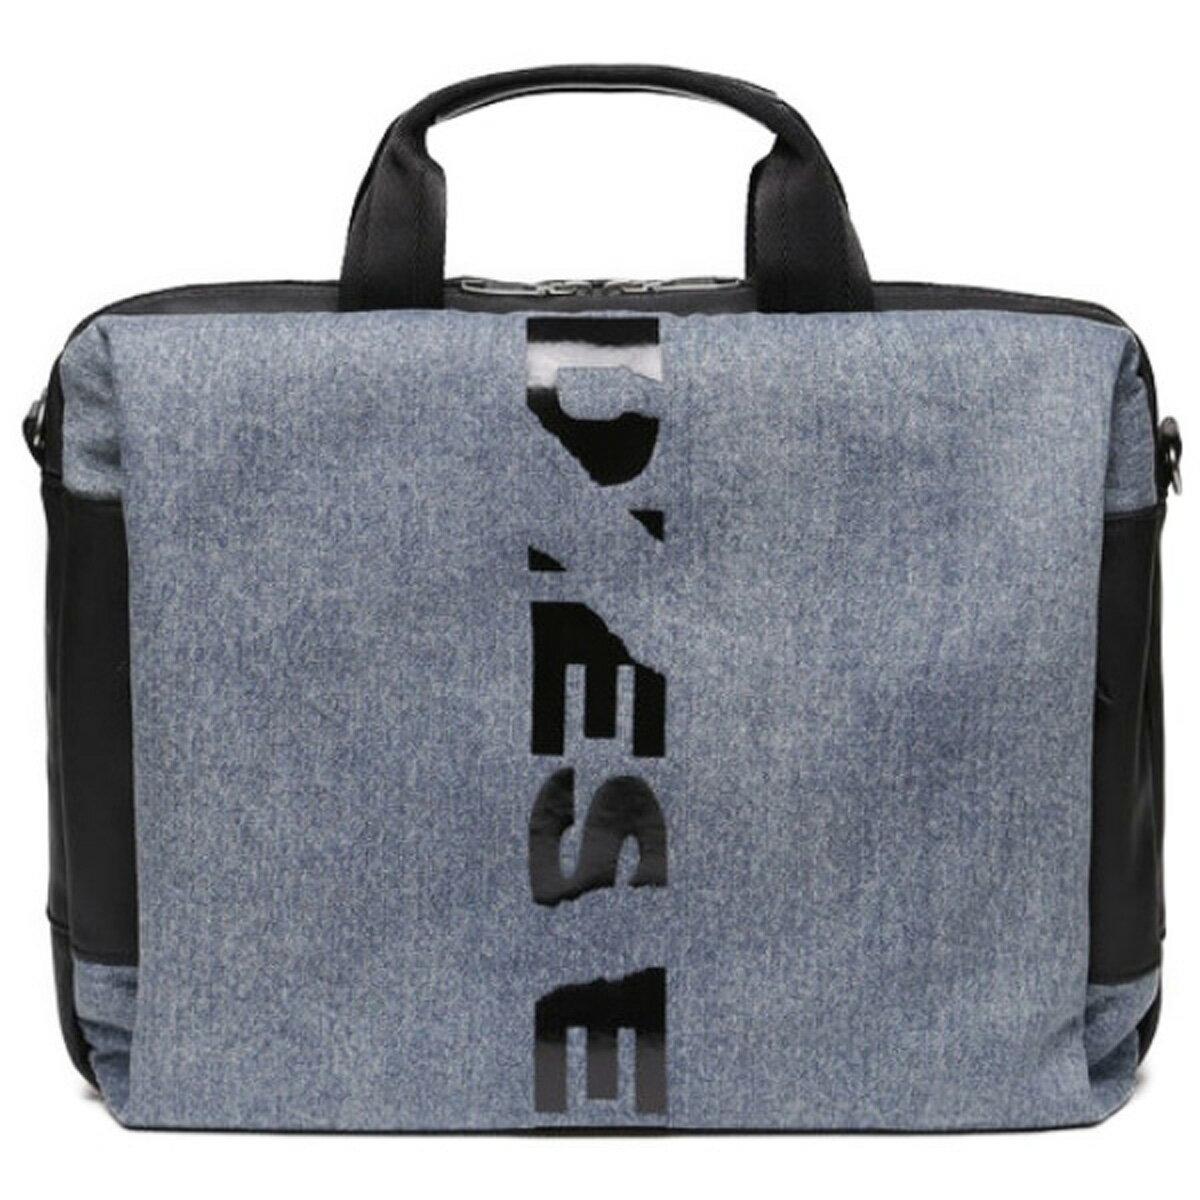 ディーゼル DIESEL バッグ X05781 P1826 H4933 D-SUBTORYAL BRIEF 2way ブリーフケース ビジネスバッグ 斜めがけバッグ ショルダーバッグ BLUE JEANS ブルー+ブラック/レッド